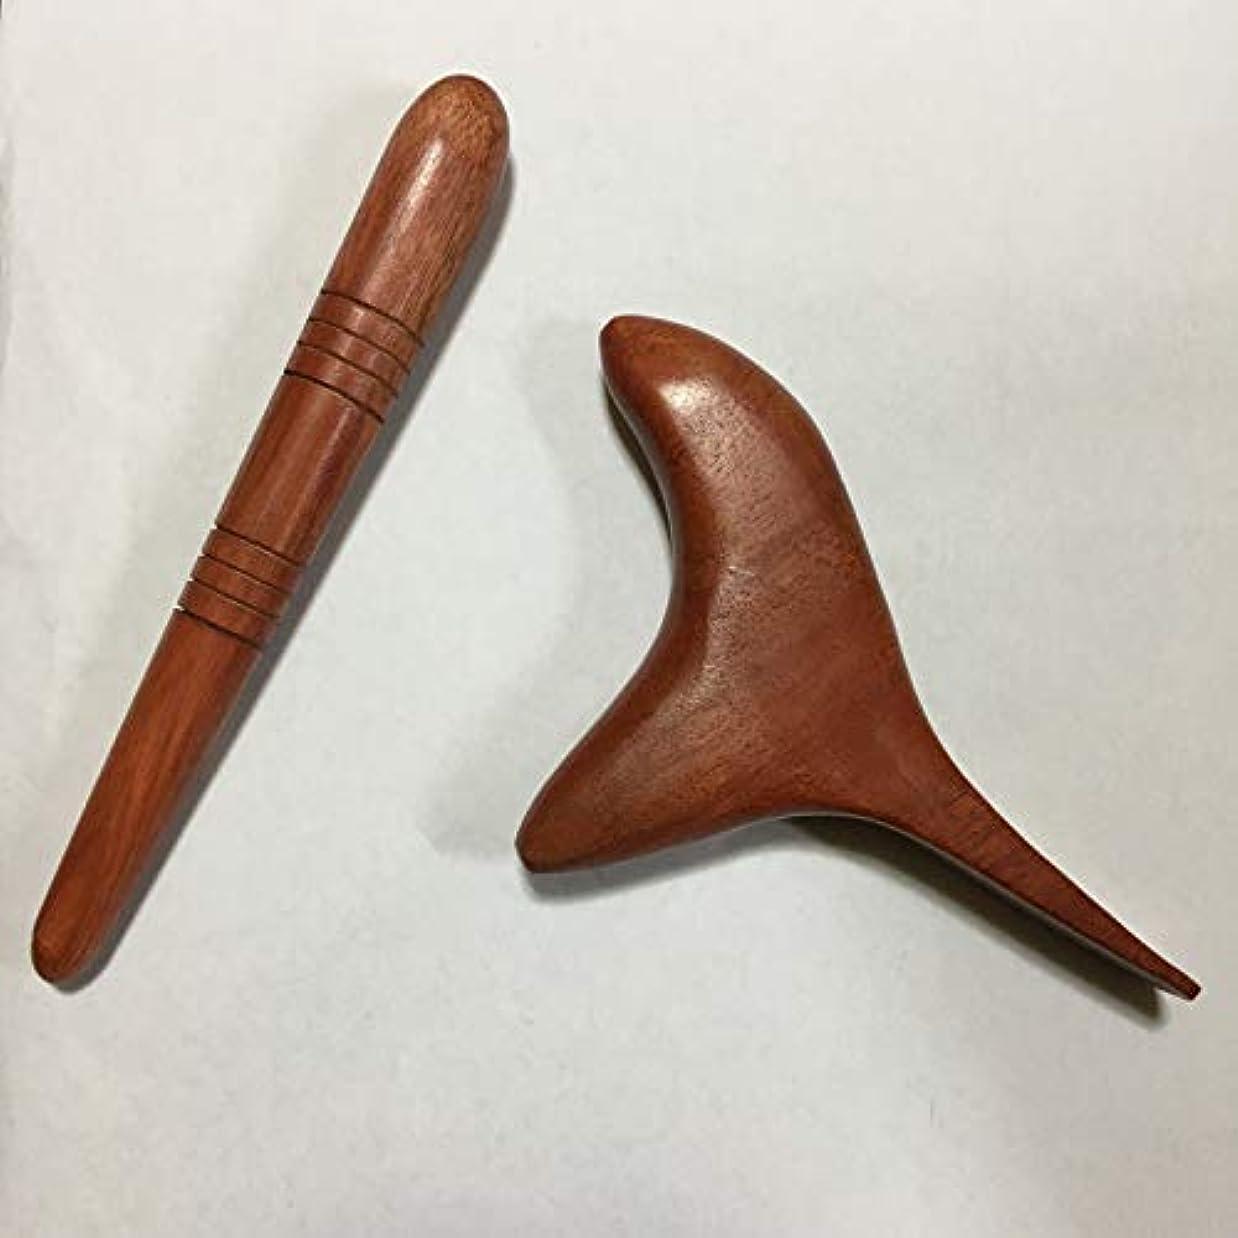 天然木 オカリナ型 (鳥型)ツボ押し棒 + 棒型 2点セット マッサージ棒 フットマッサージ リフレクソロジー セルフマッサージ (1)